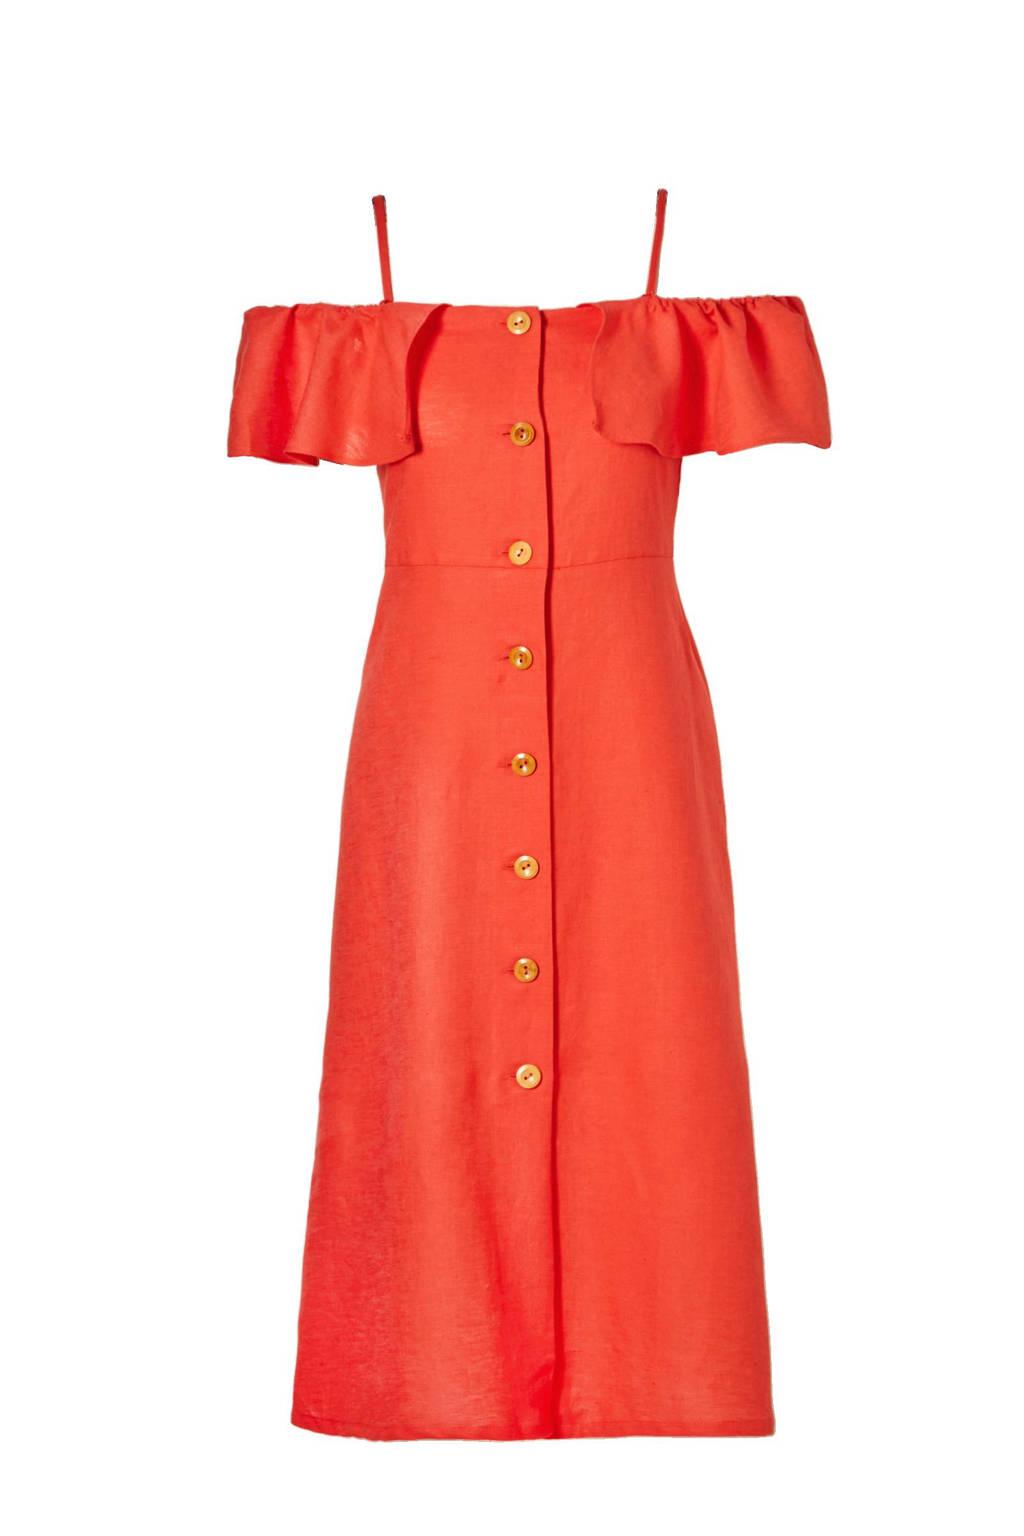 Mango off shoulder jurk met linnen, Koraalrood